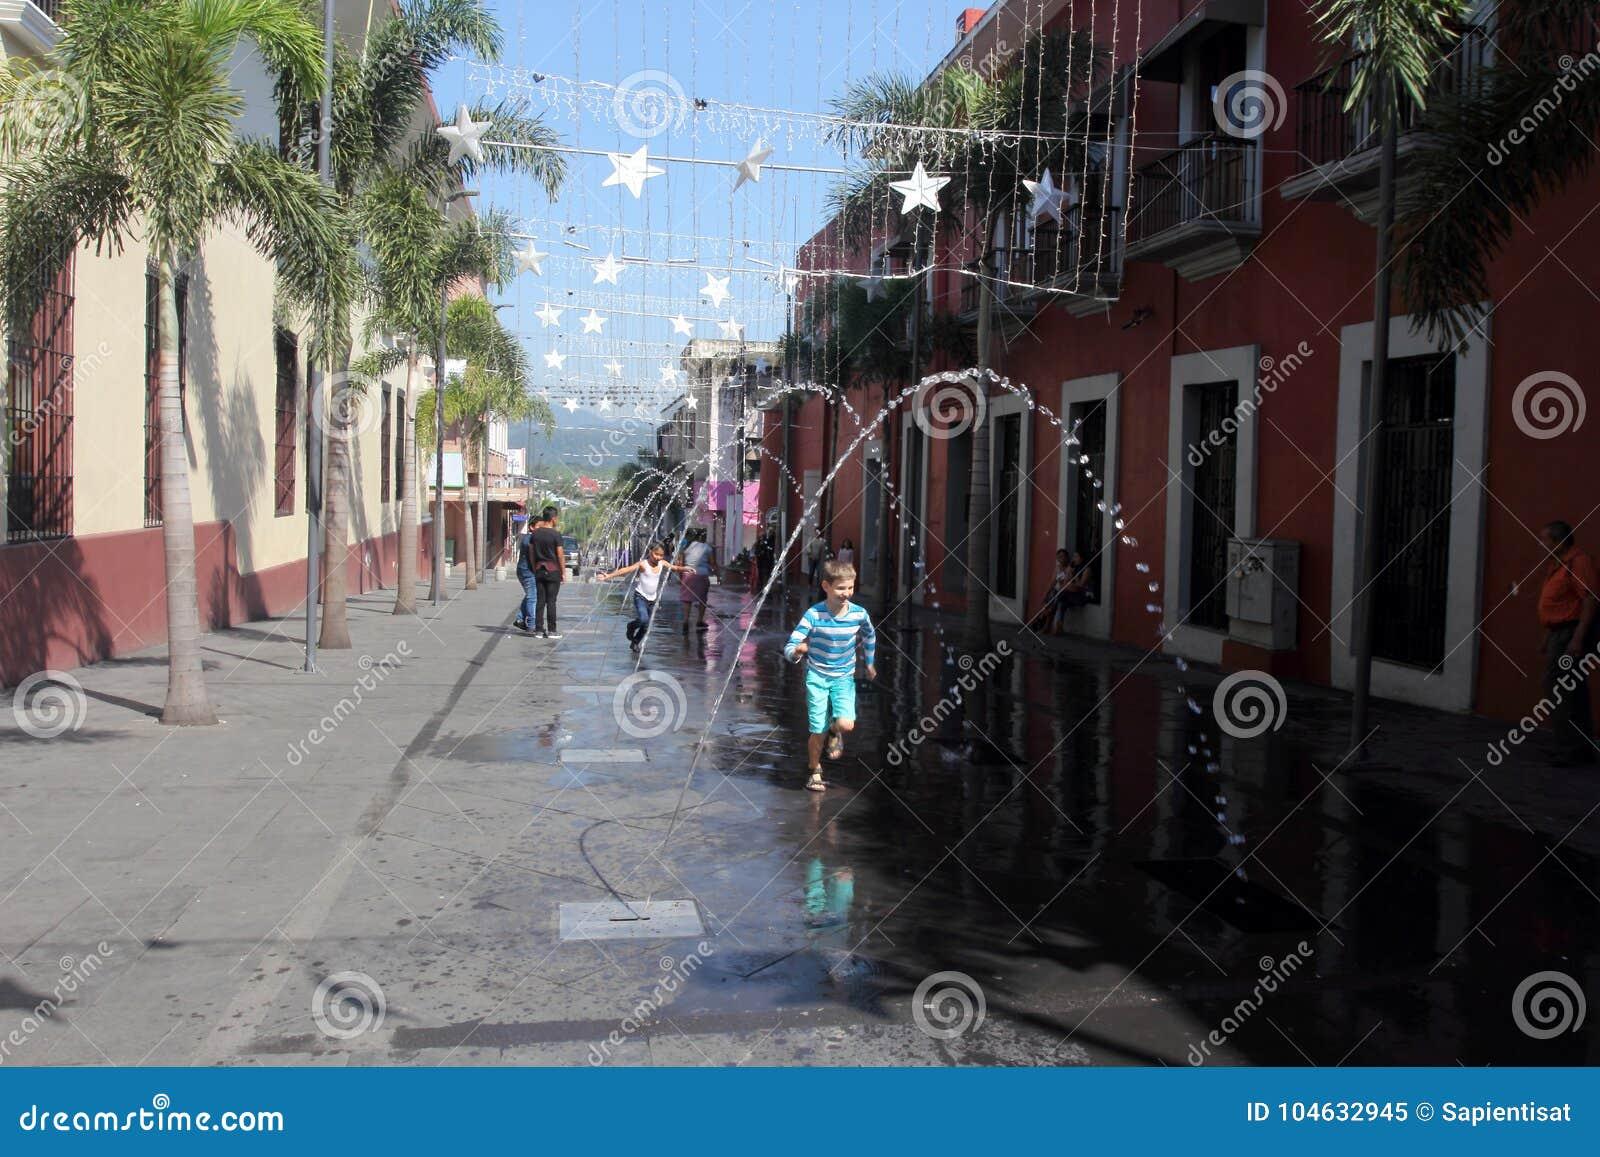 Download Heroica Cordoba, Mexico redactionele afbeelding. Afbeelding bestaande uit plaza - 104632945